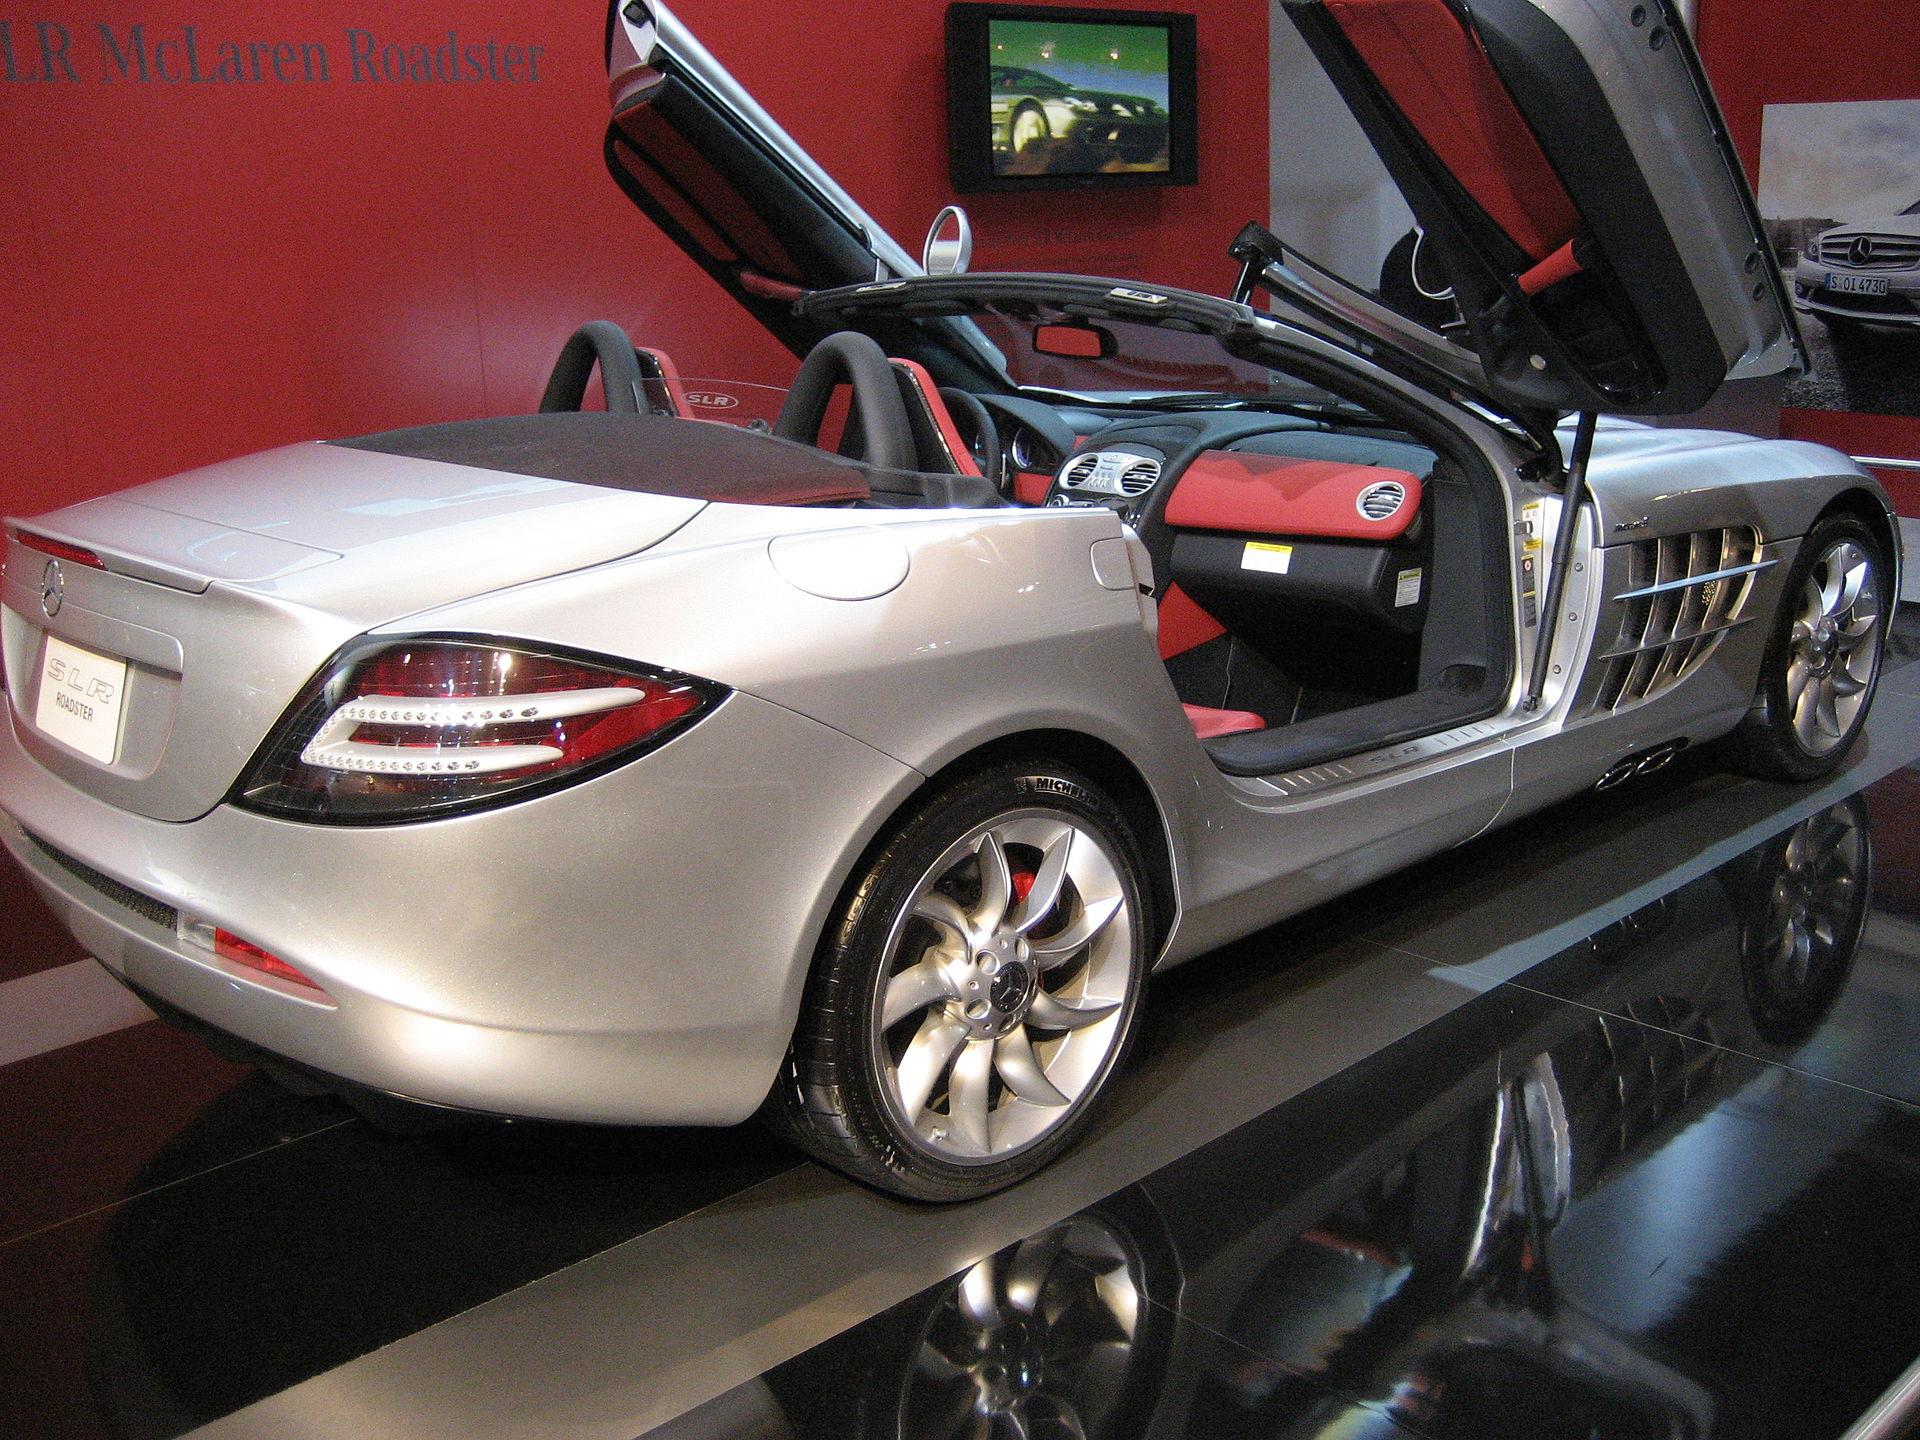 Mercedes-Benz SLR McLaren - Wikipedia